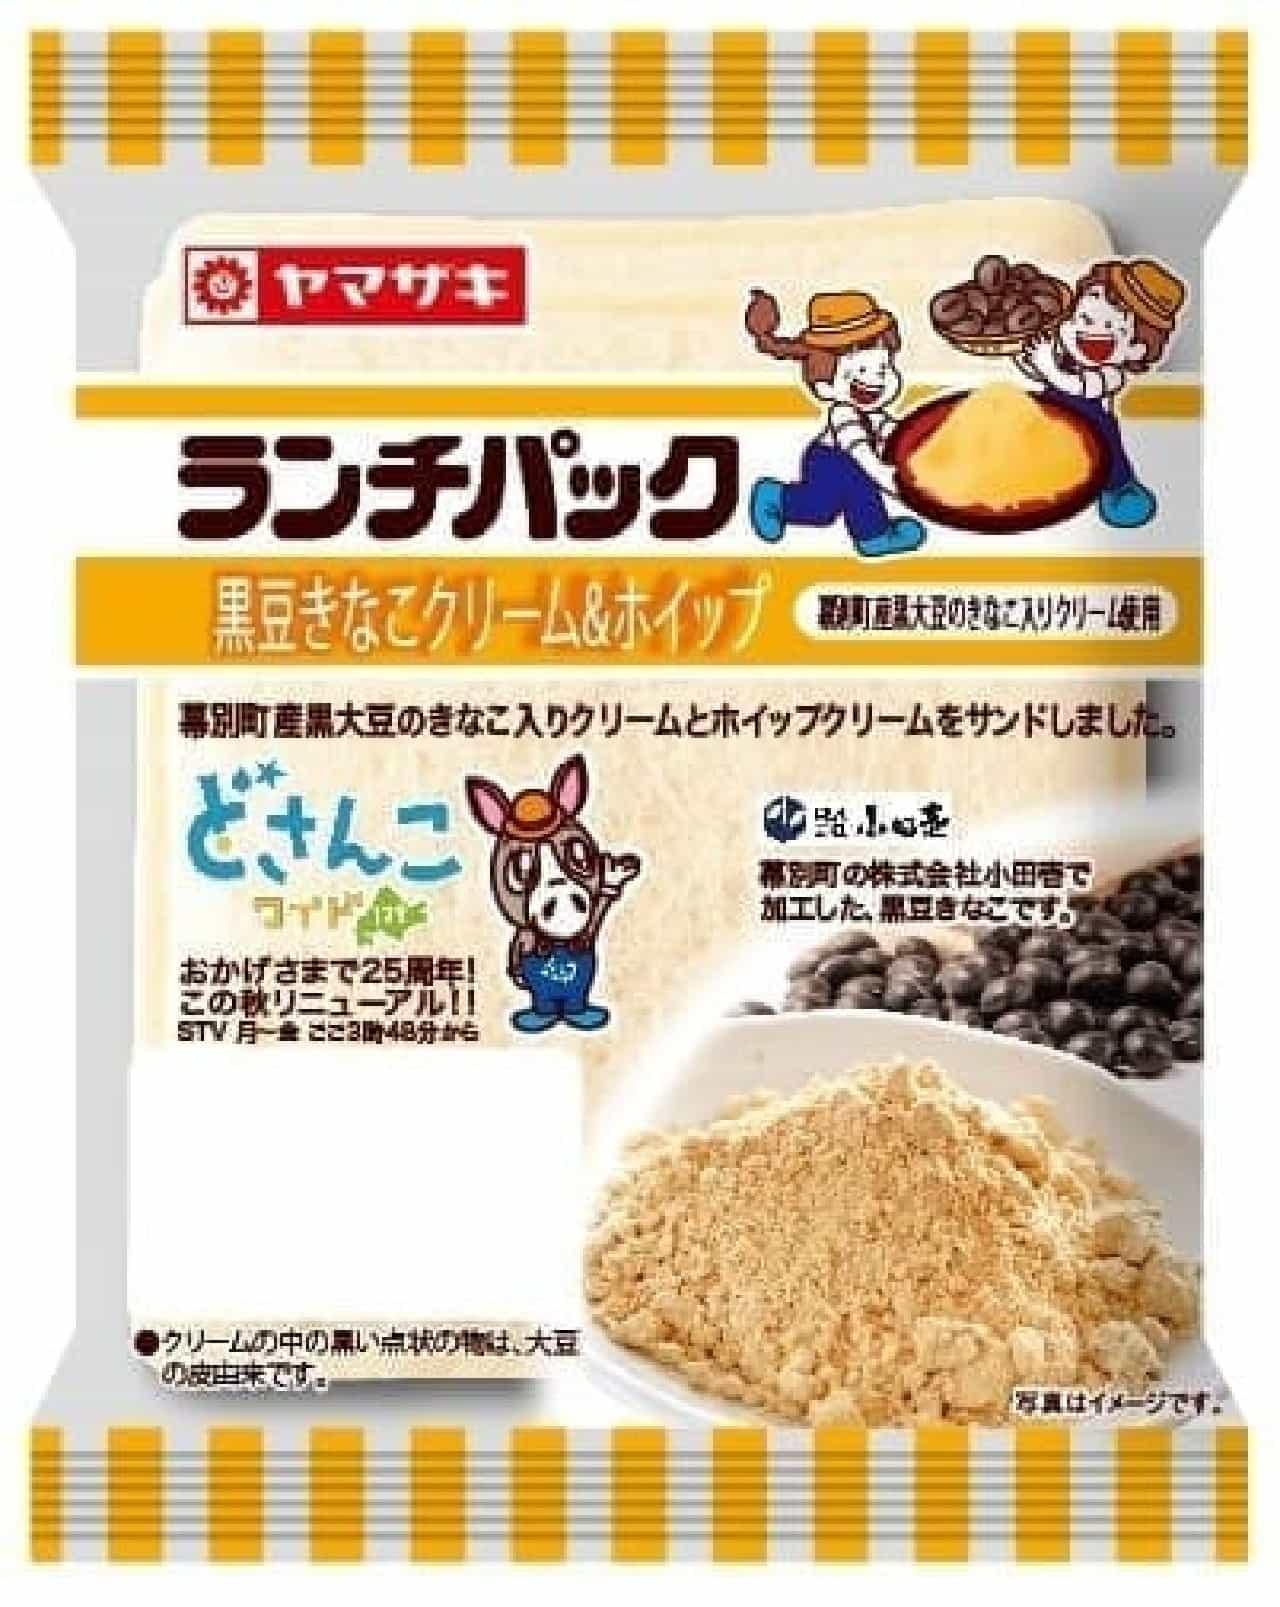 山崎製パンと「どさんこワイド」がコラボした「ランチパック 黒豆きなこクリーム&ホイップ」